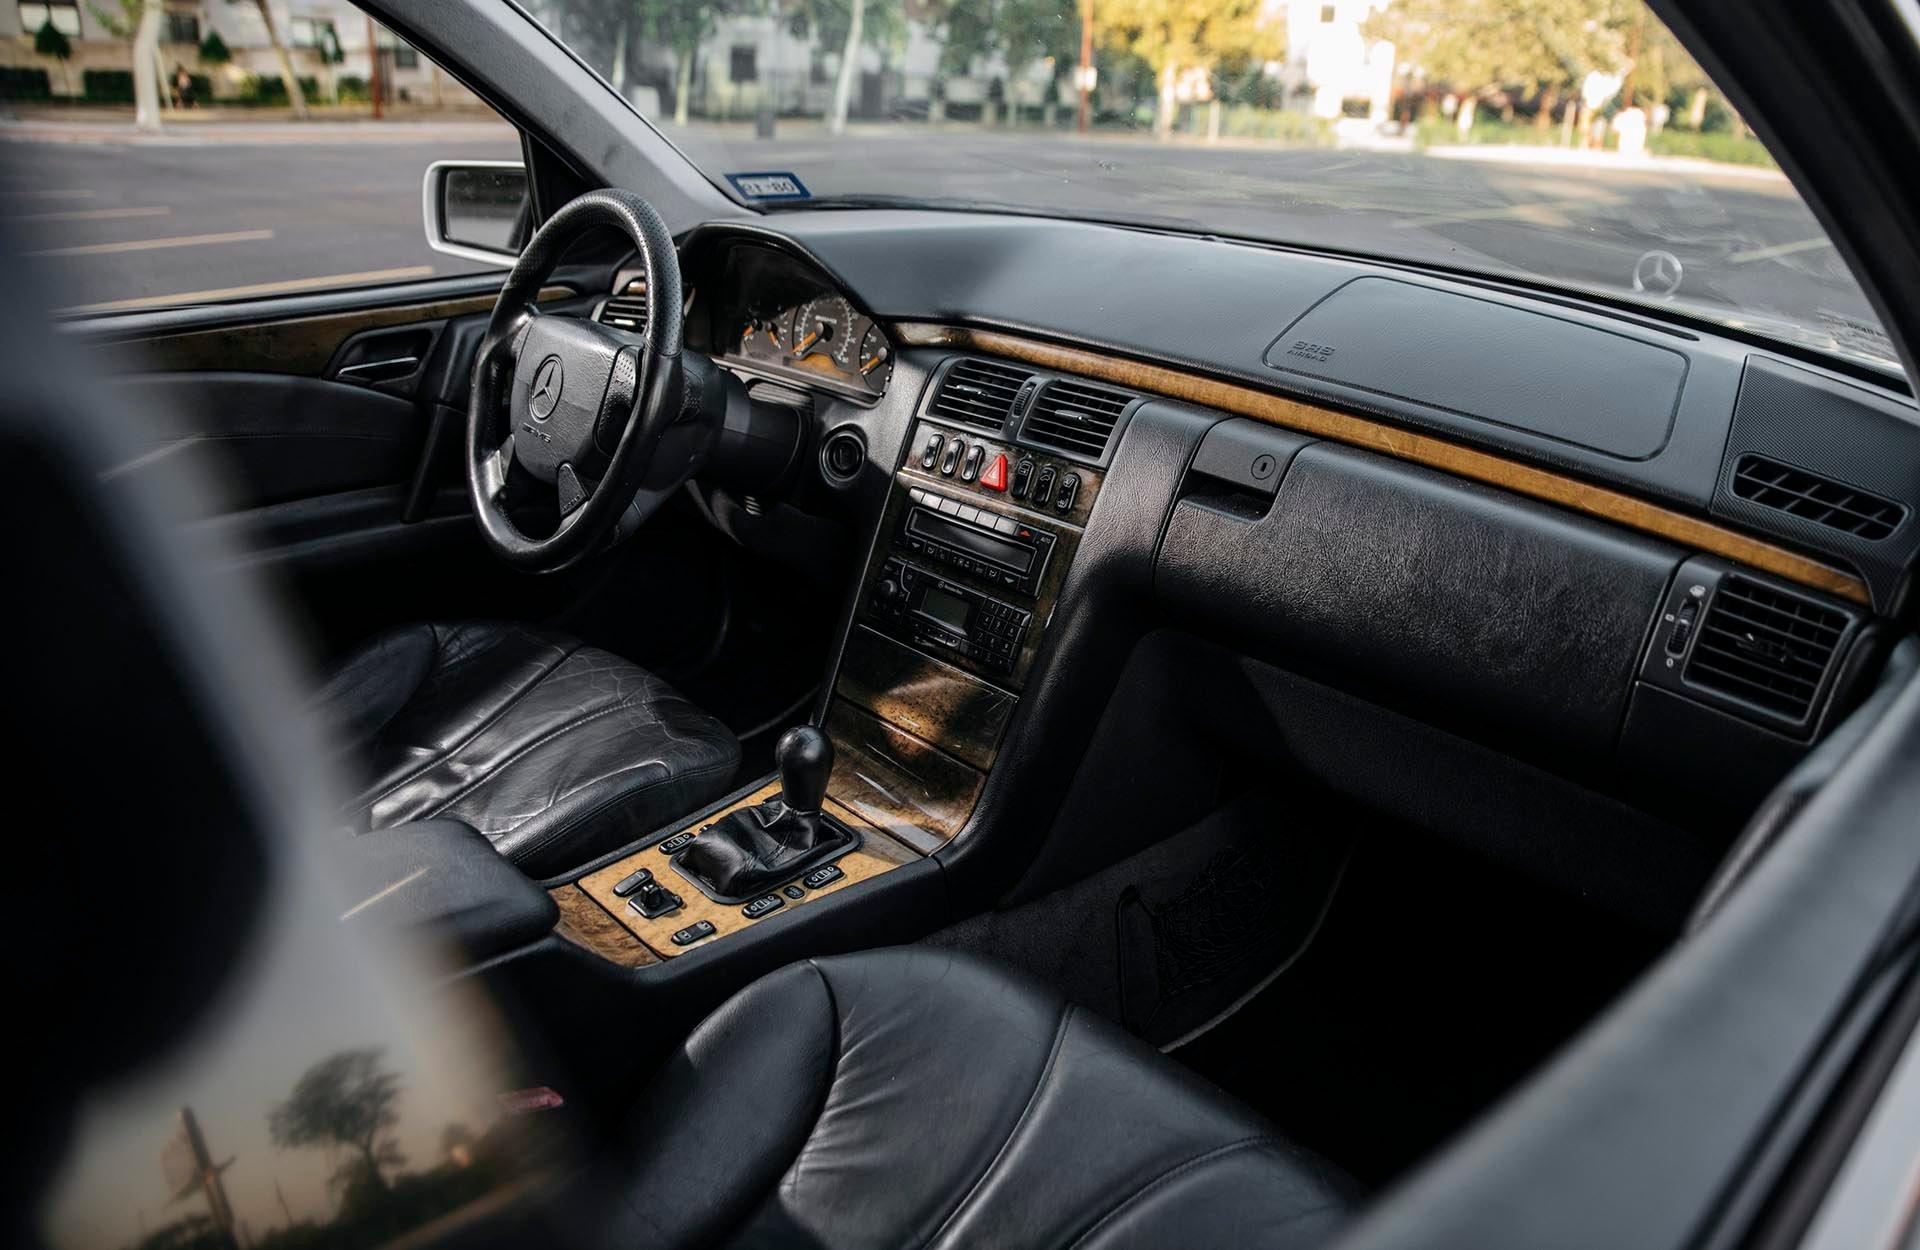 05_Mercedes-Benz E55 AMG manual interior